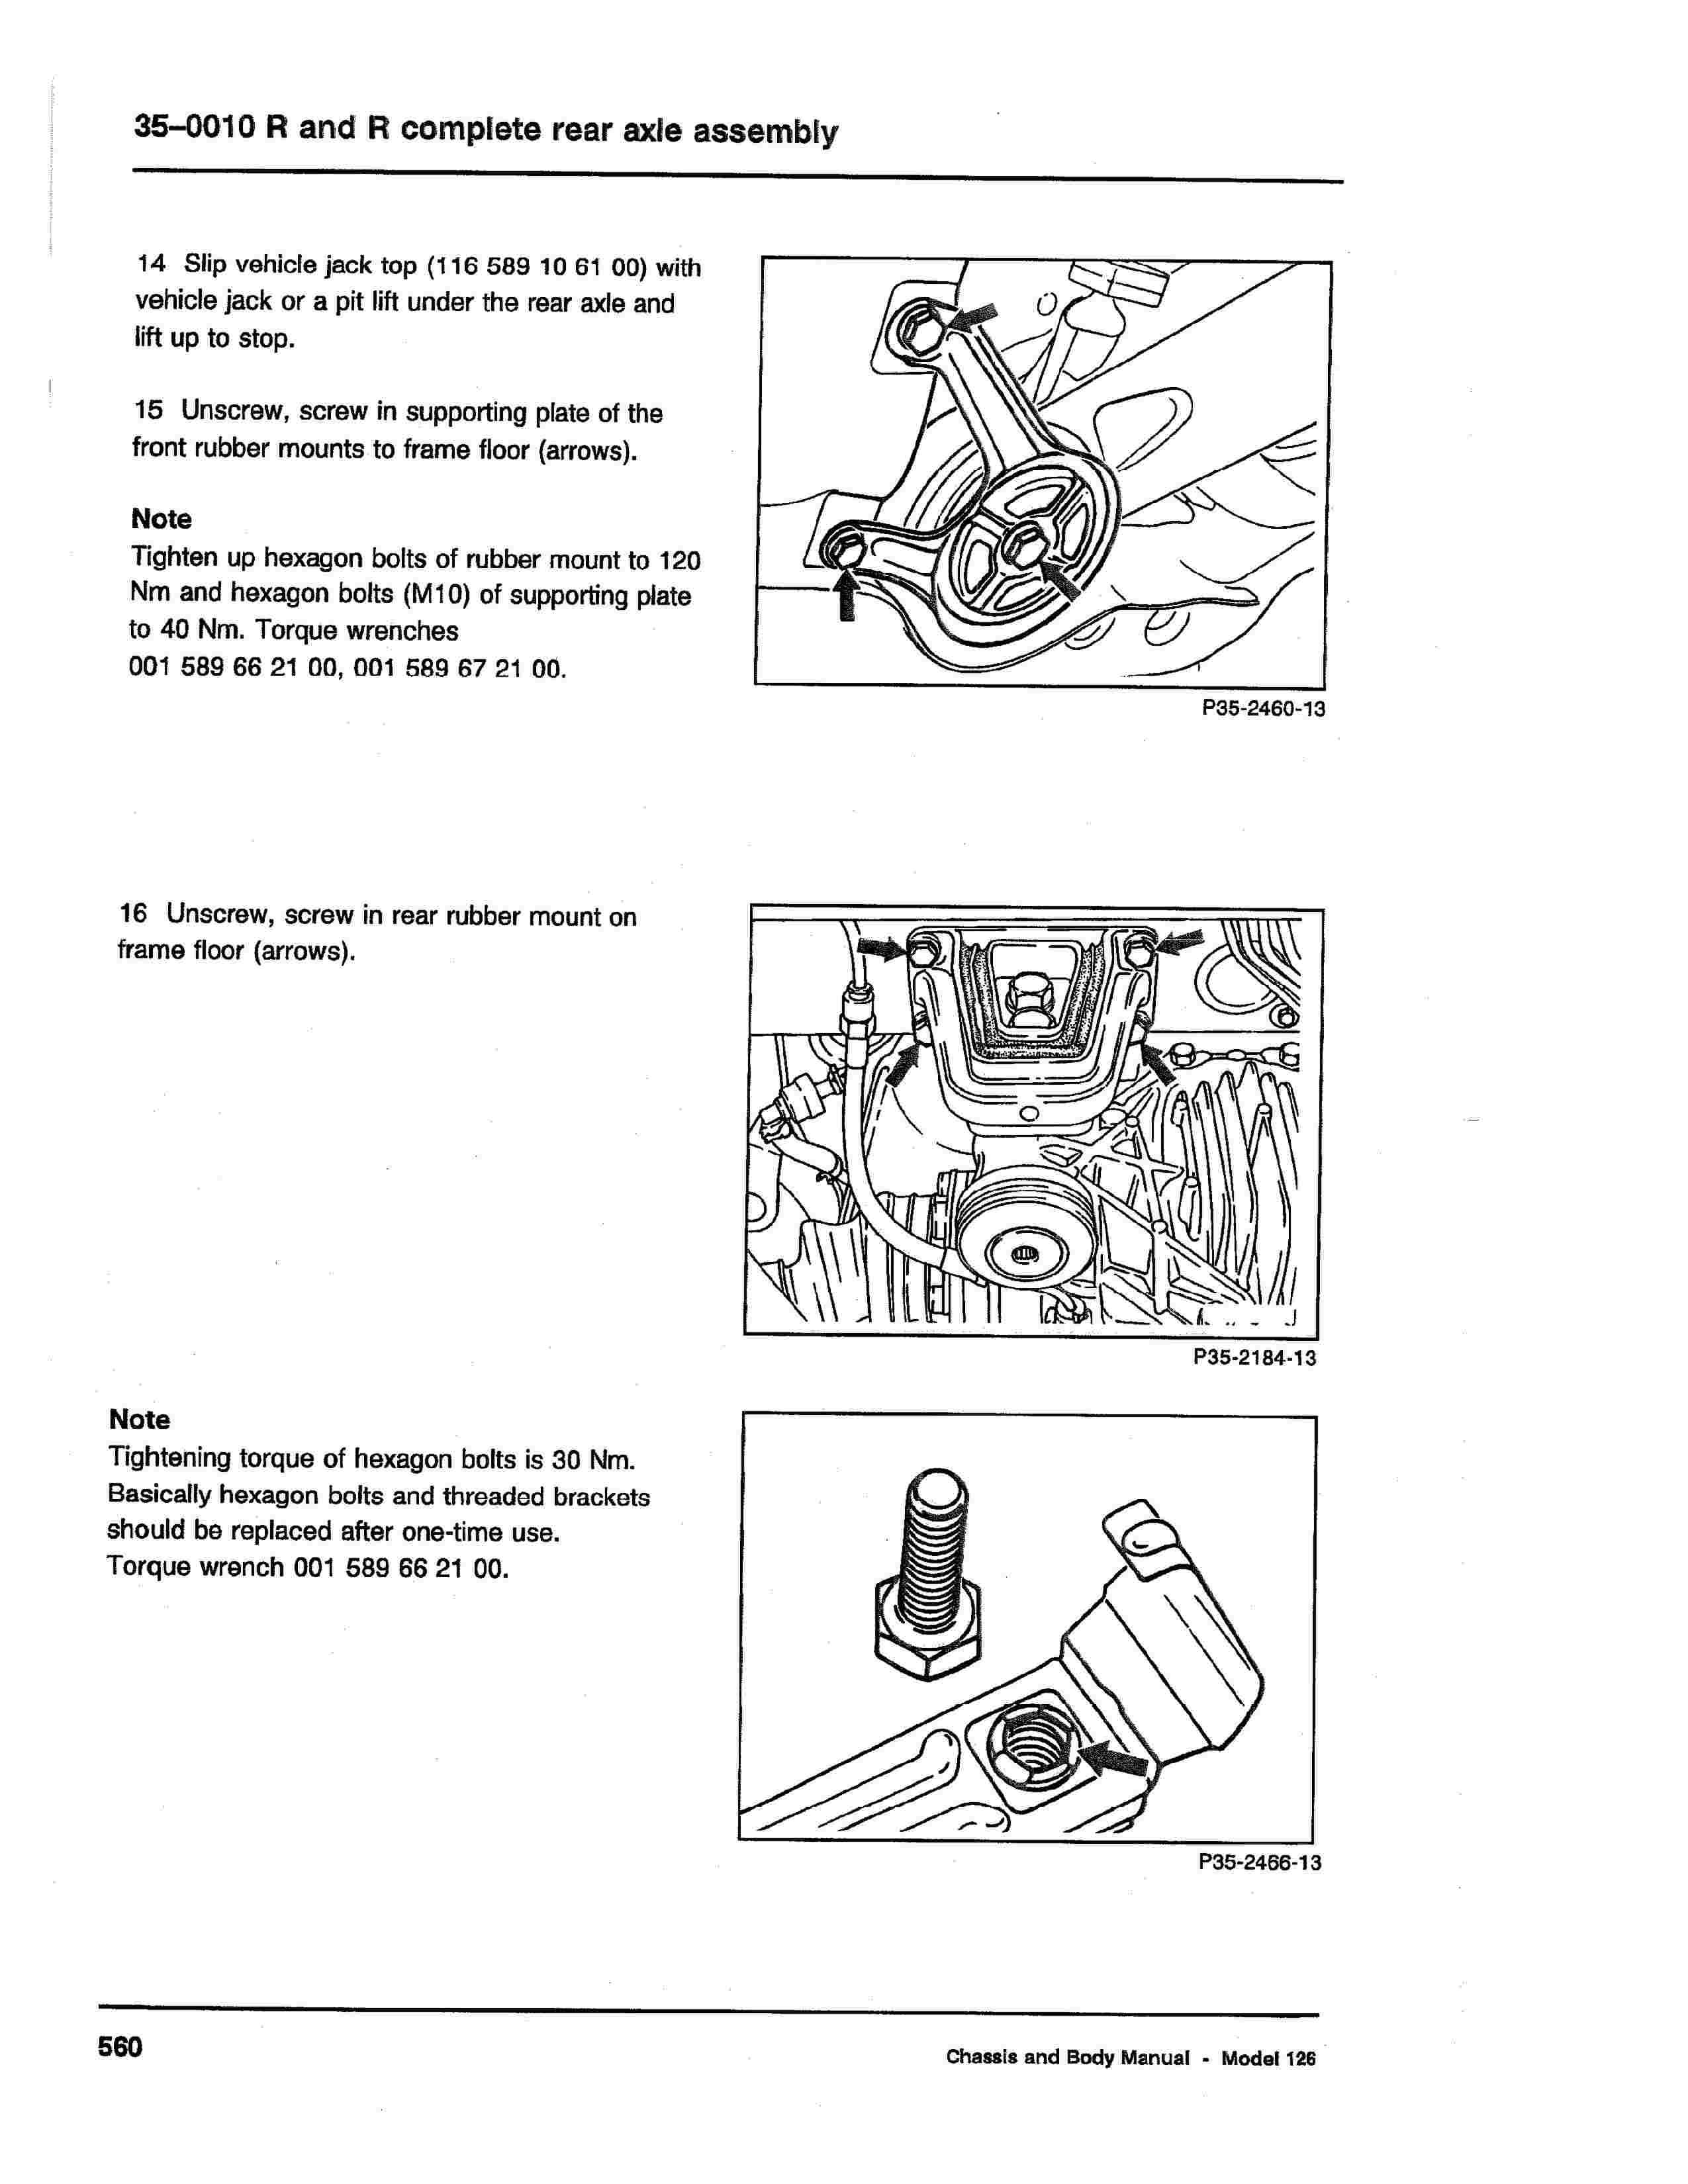 (W126): Diagrama completo da suspensão traseira  0009_123